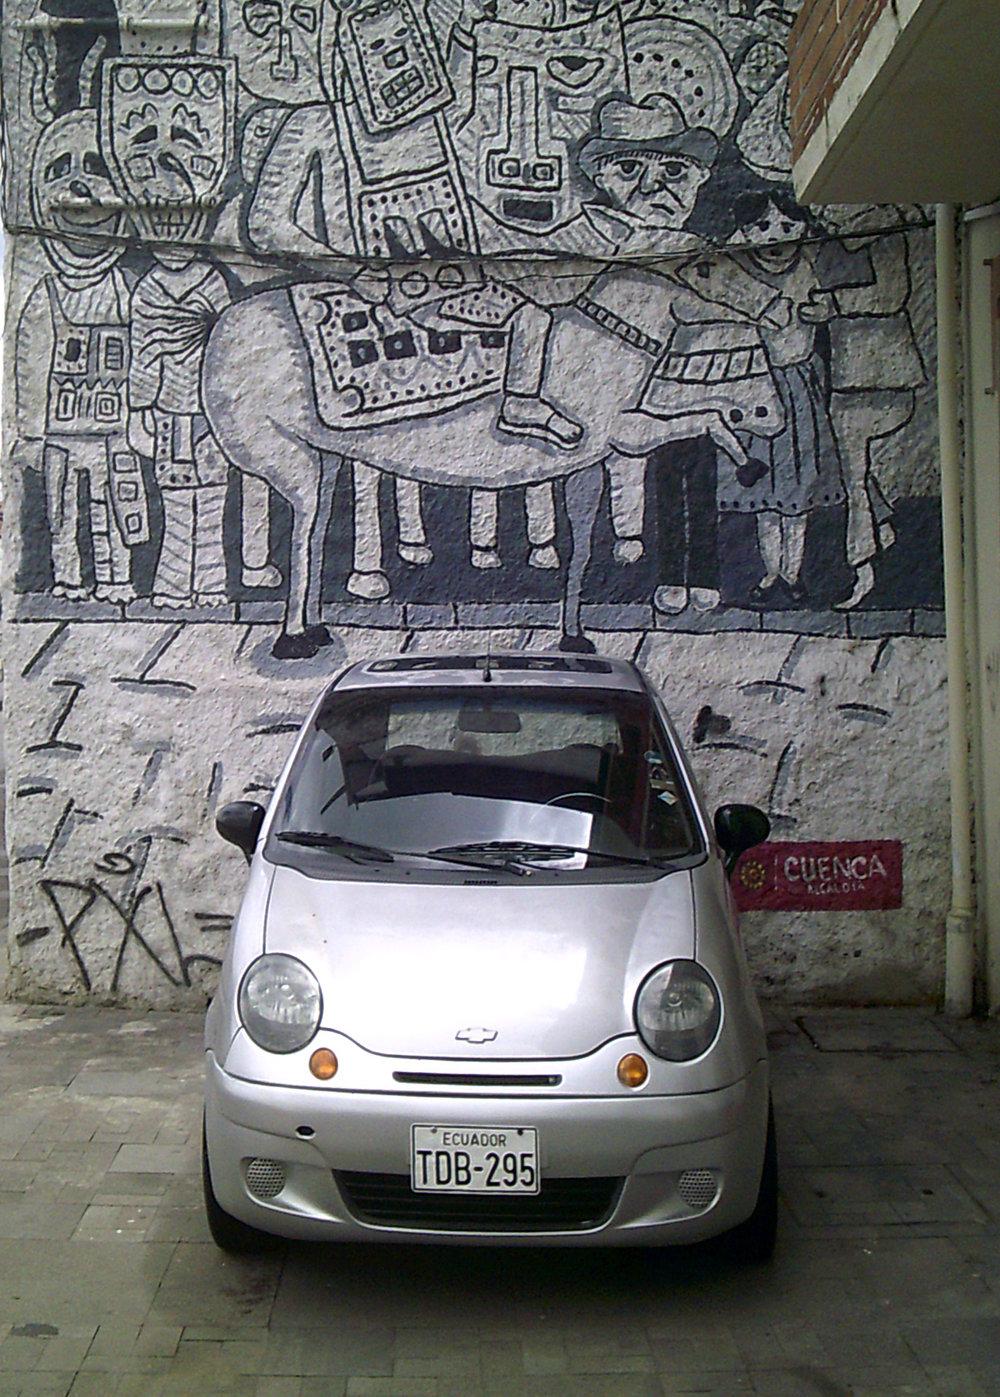 baby car and mural.jpg